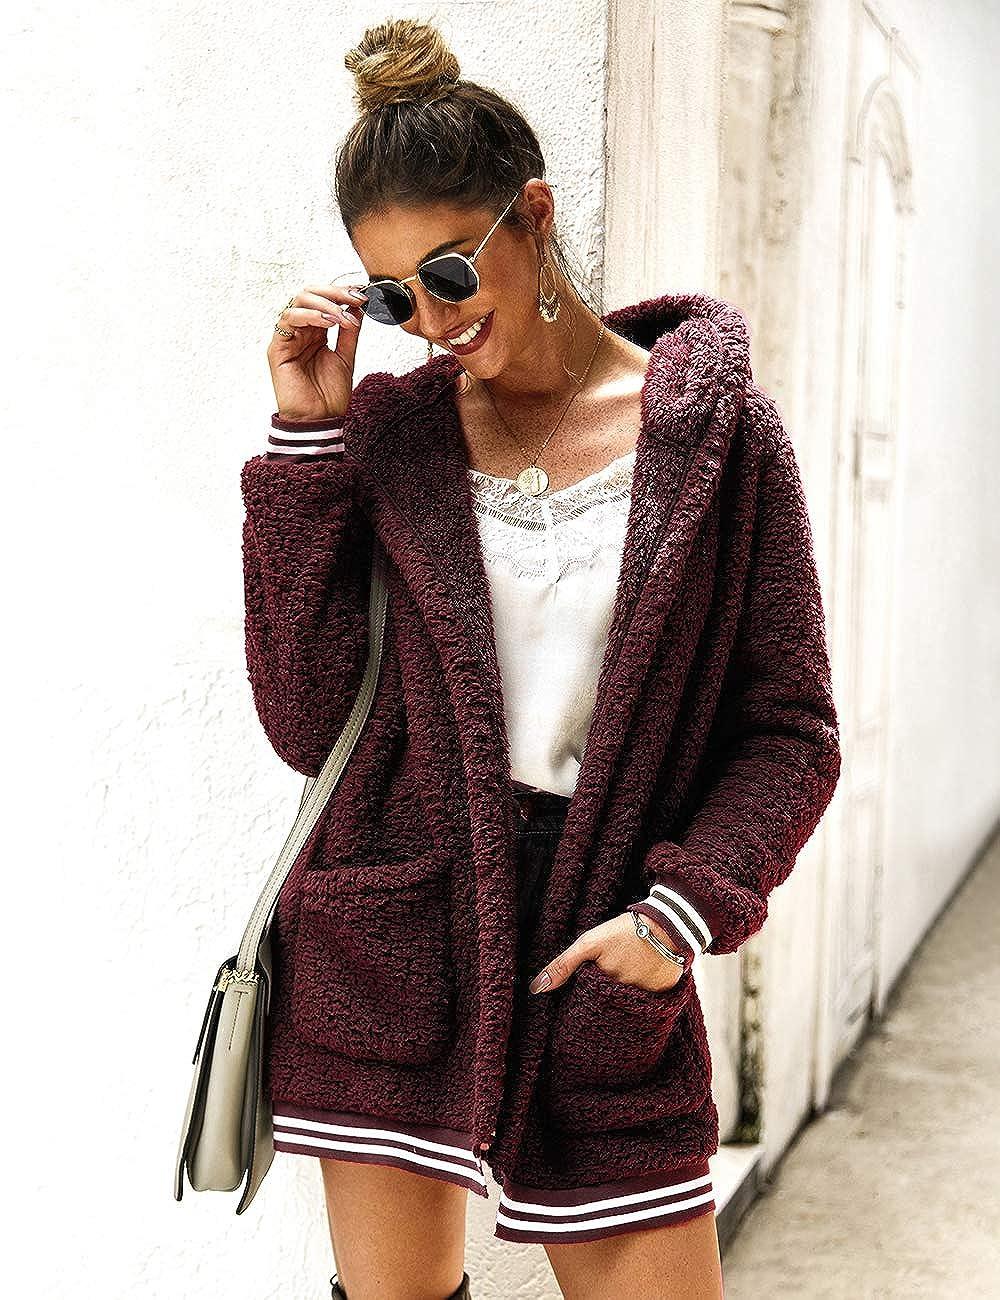 iWoo Womens Coat Fleece Hooded Jacket Open Front Long Sleeve Fuzzy Sherpa Loose Warm Cardigan with Pockets Outwear